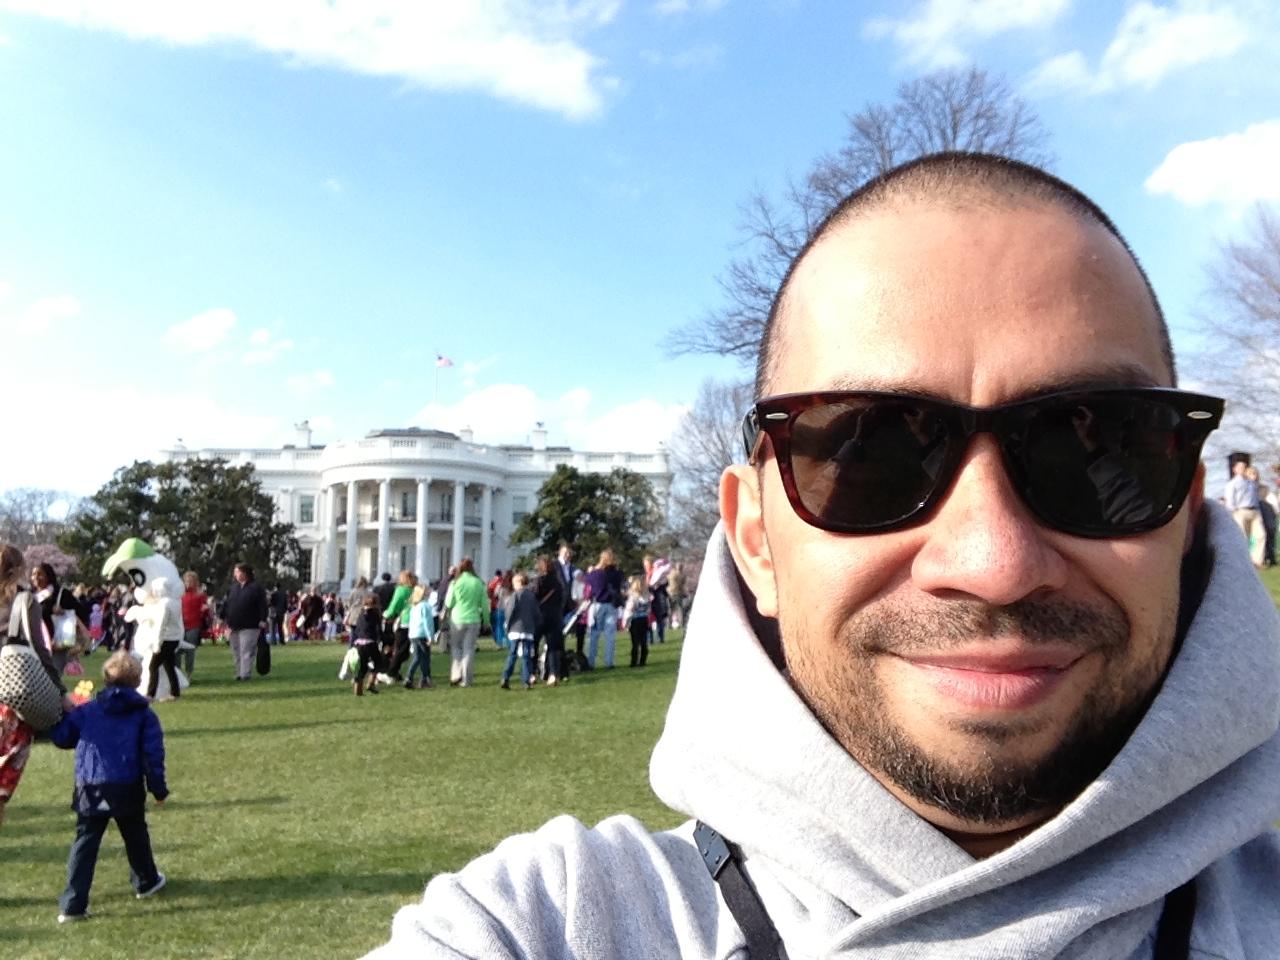 2013 White House Easter Egg Roll